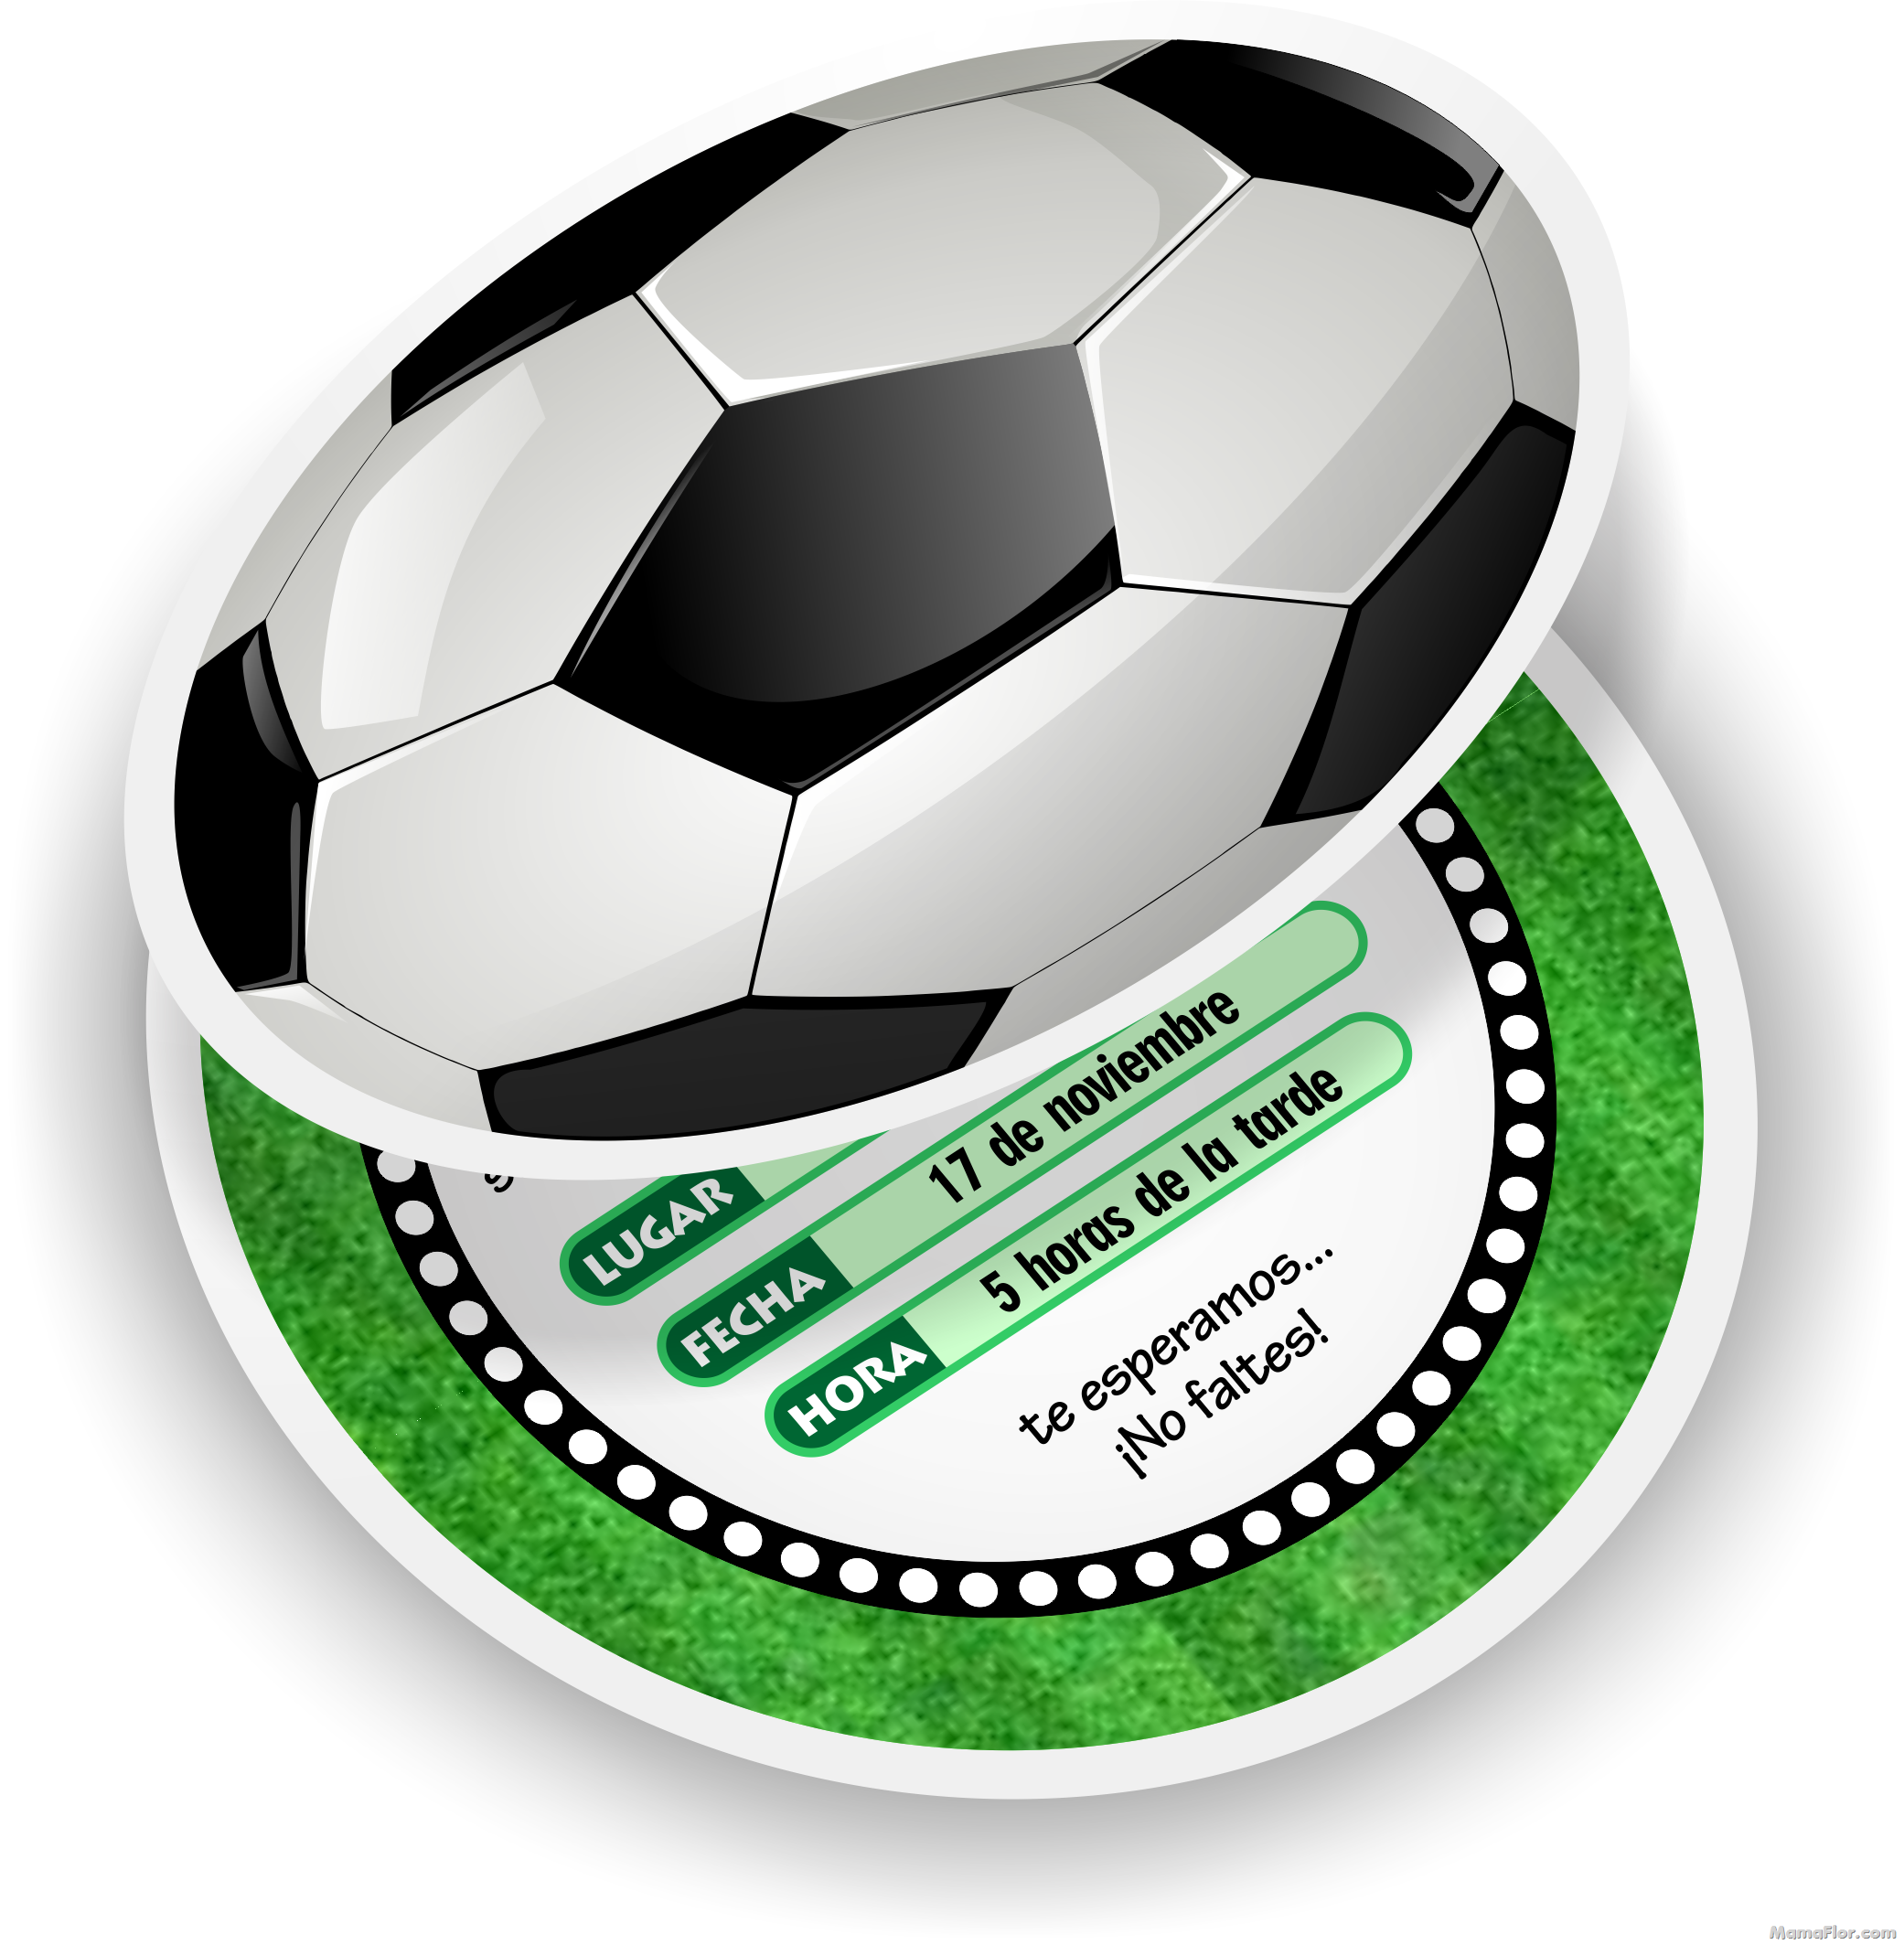 Tarjeta De Cumpleaños De Fútbol Invitaciones En Forma De Pelota Invitaciones De Fútbol Invitaciones De Cumpleaños Futbol Tarjetas De Cumpleaños Futbol